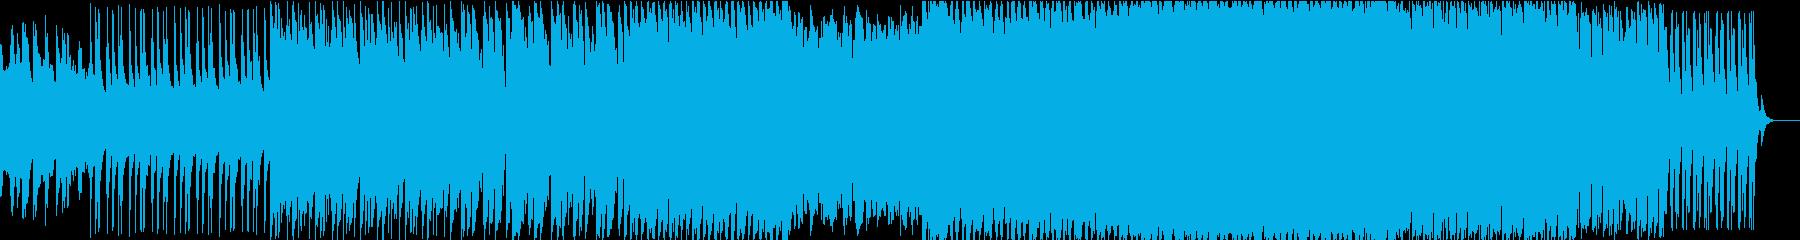 ダークで激しいエレクトロニック登場シーンの再生済みの波形